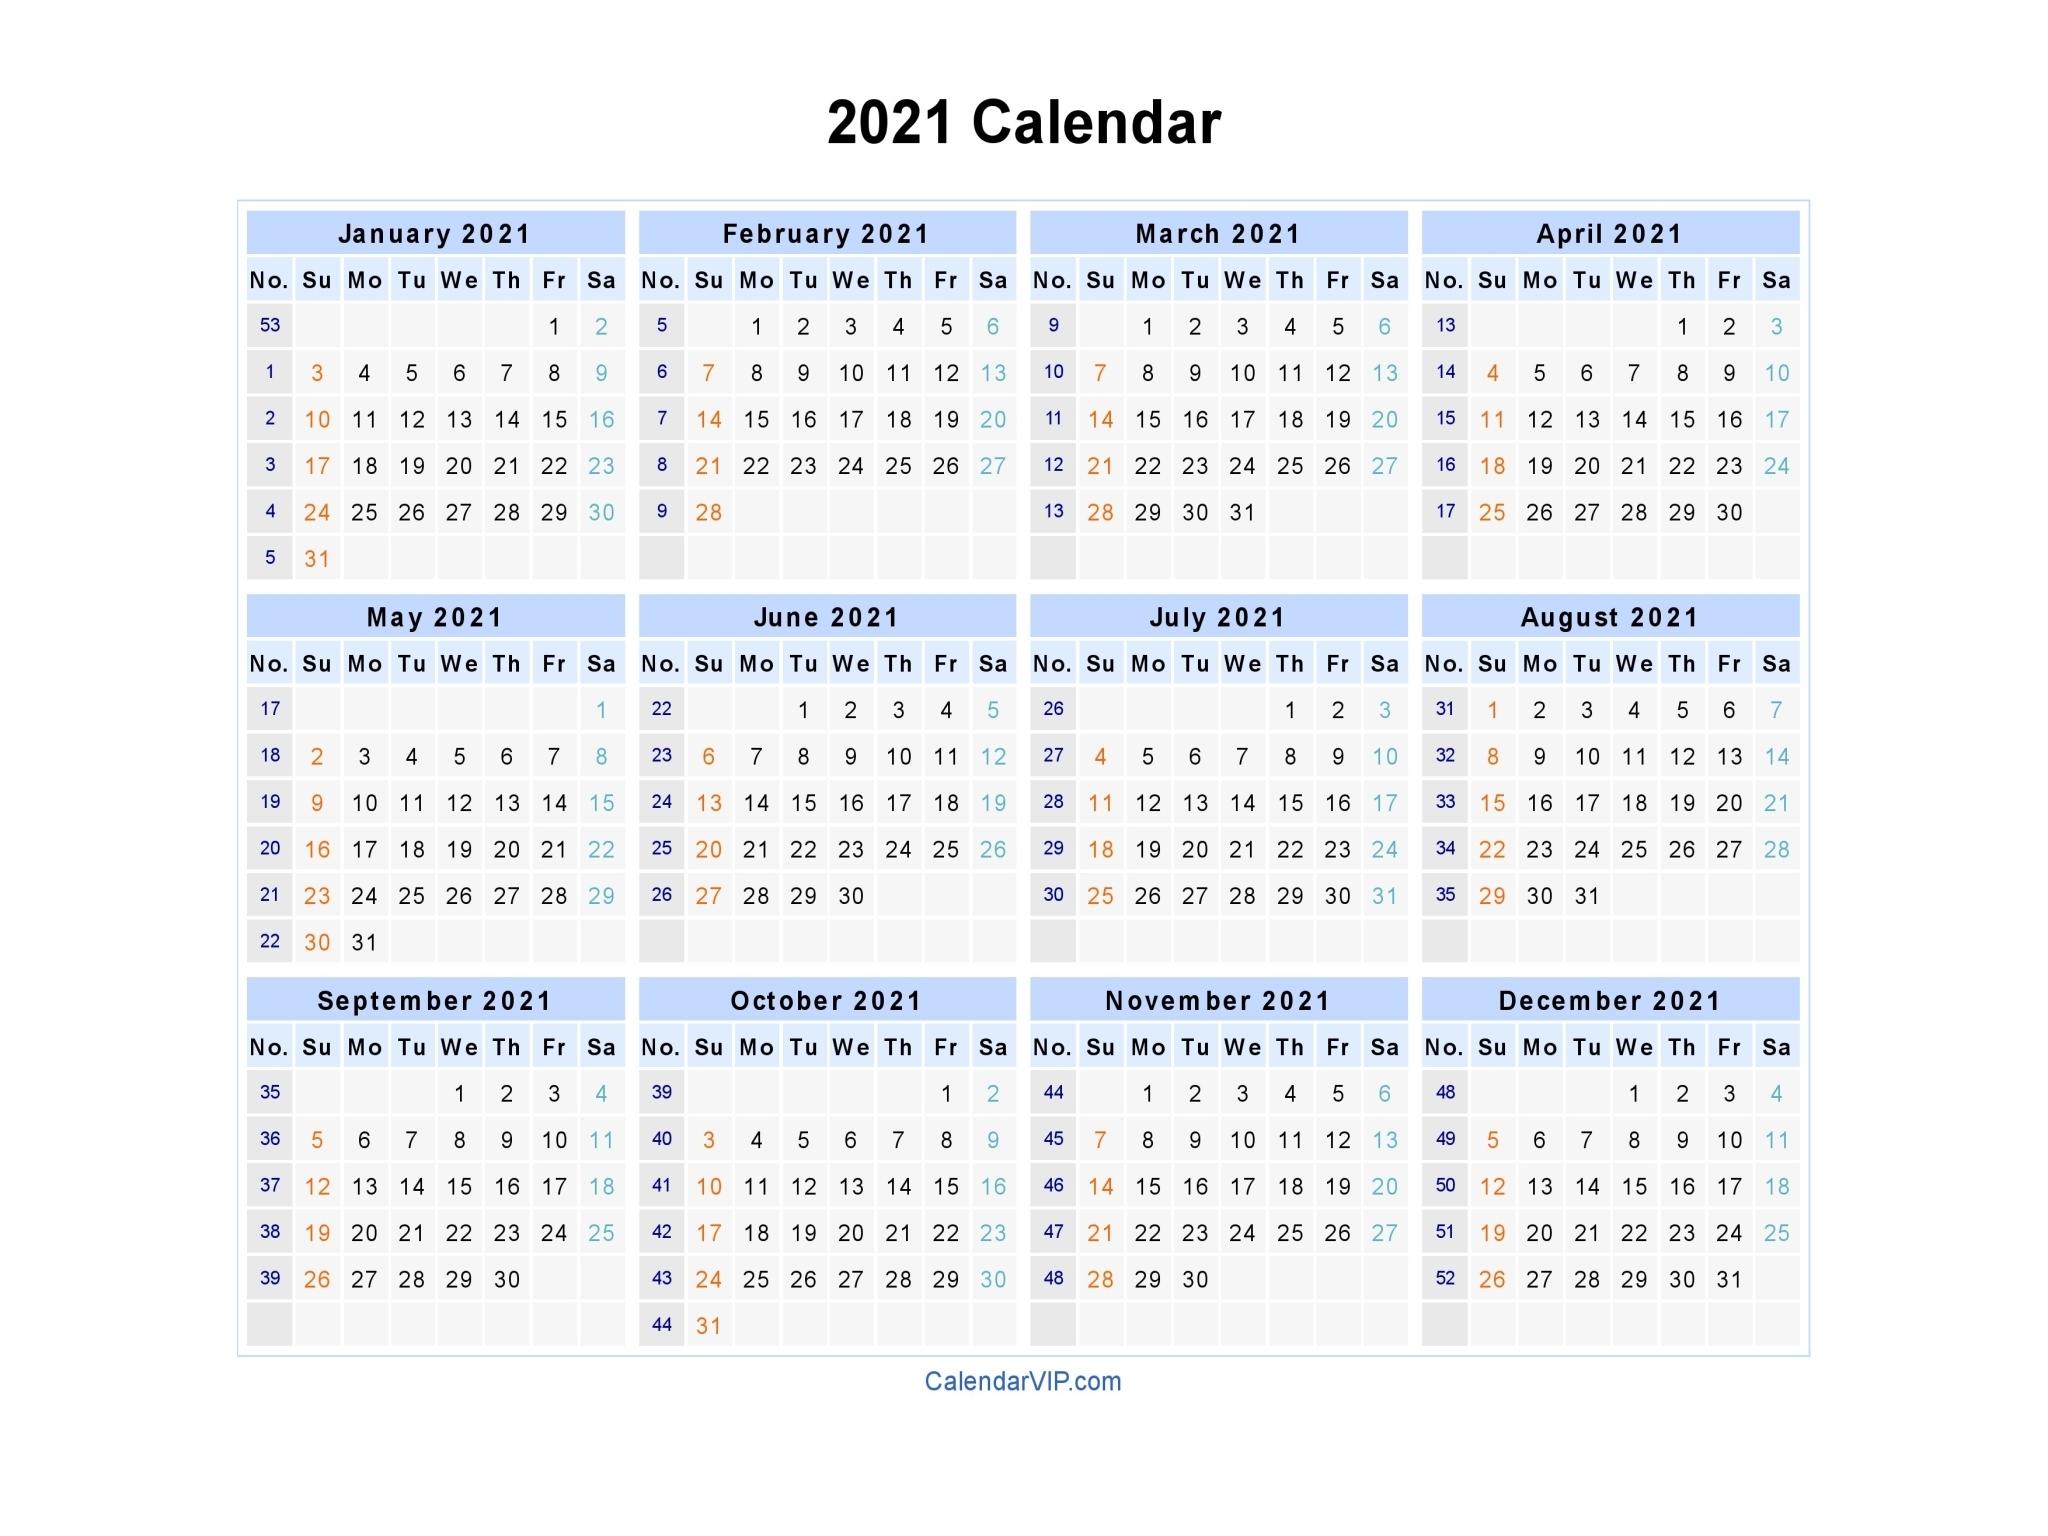 Get Calendar Weeks 2021 Excel